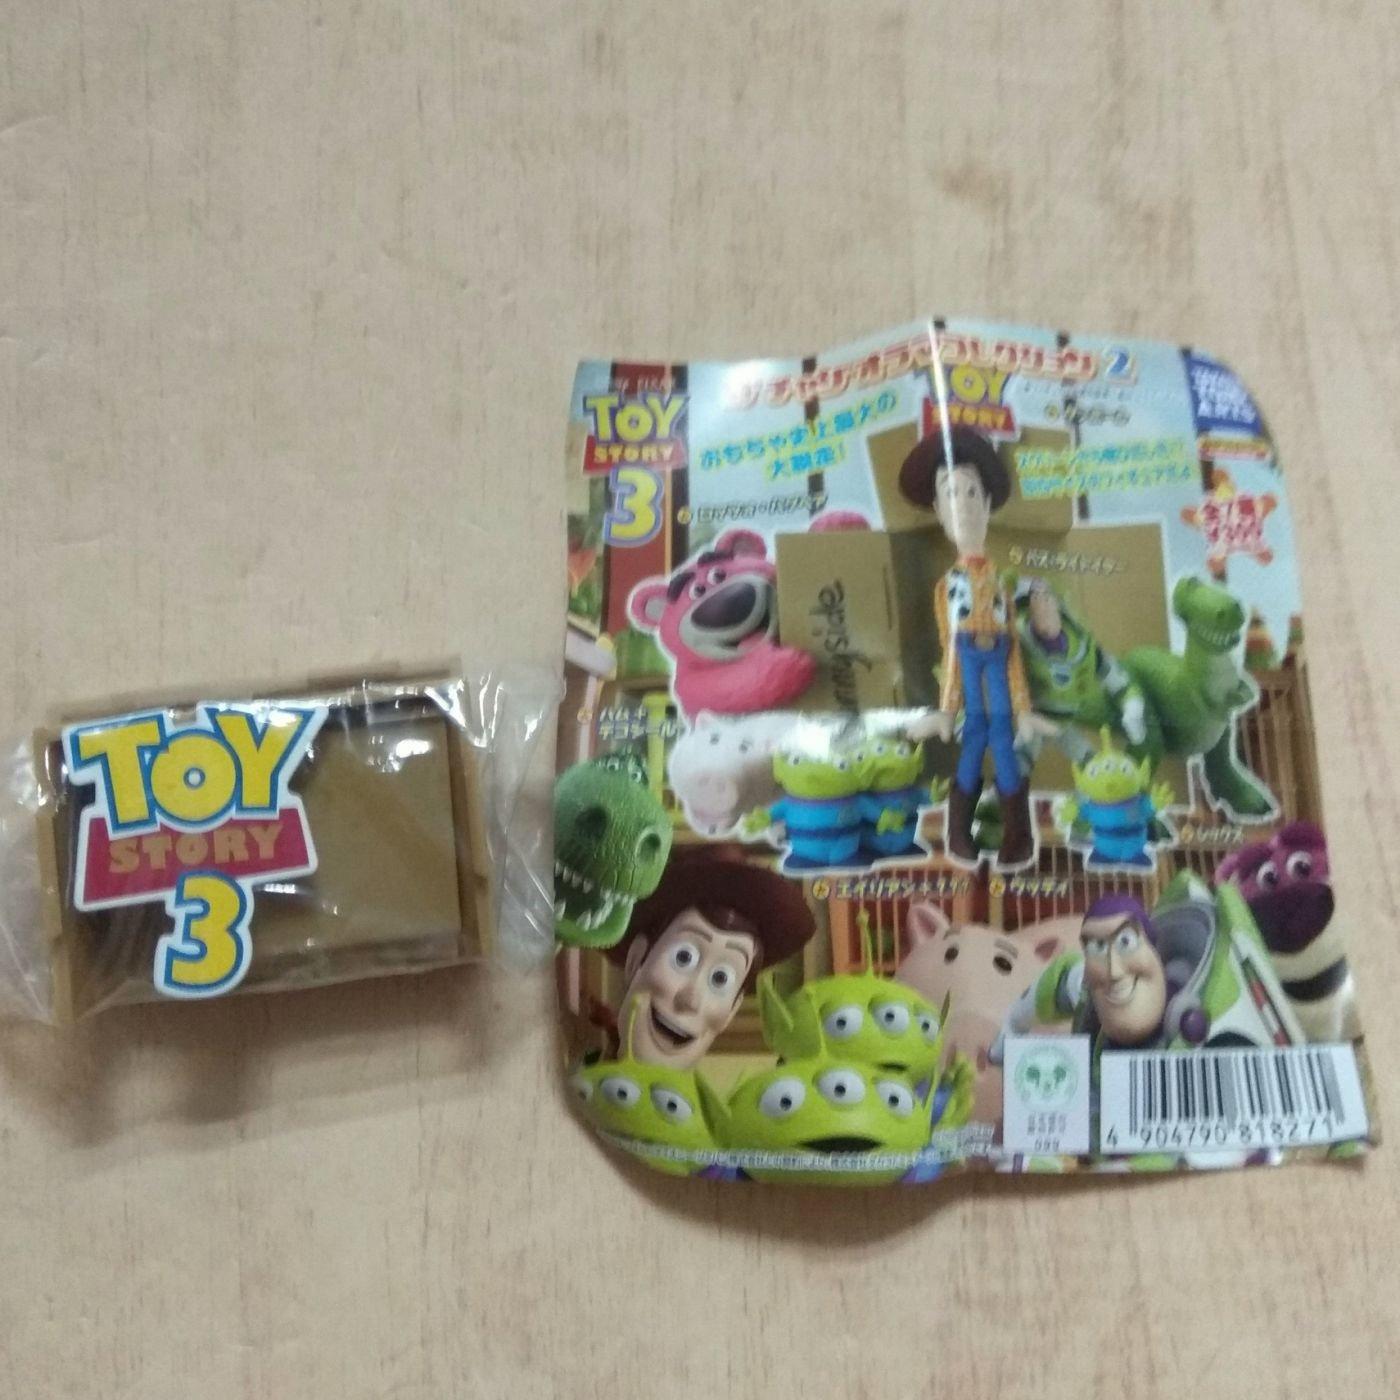 迪士尼 玩具總動員 紙箱 公仔 扭蛋 玩具